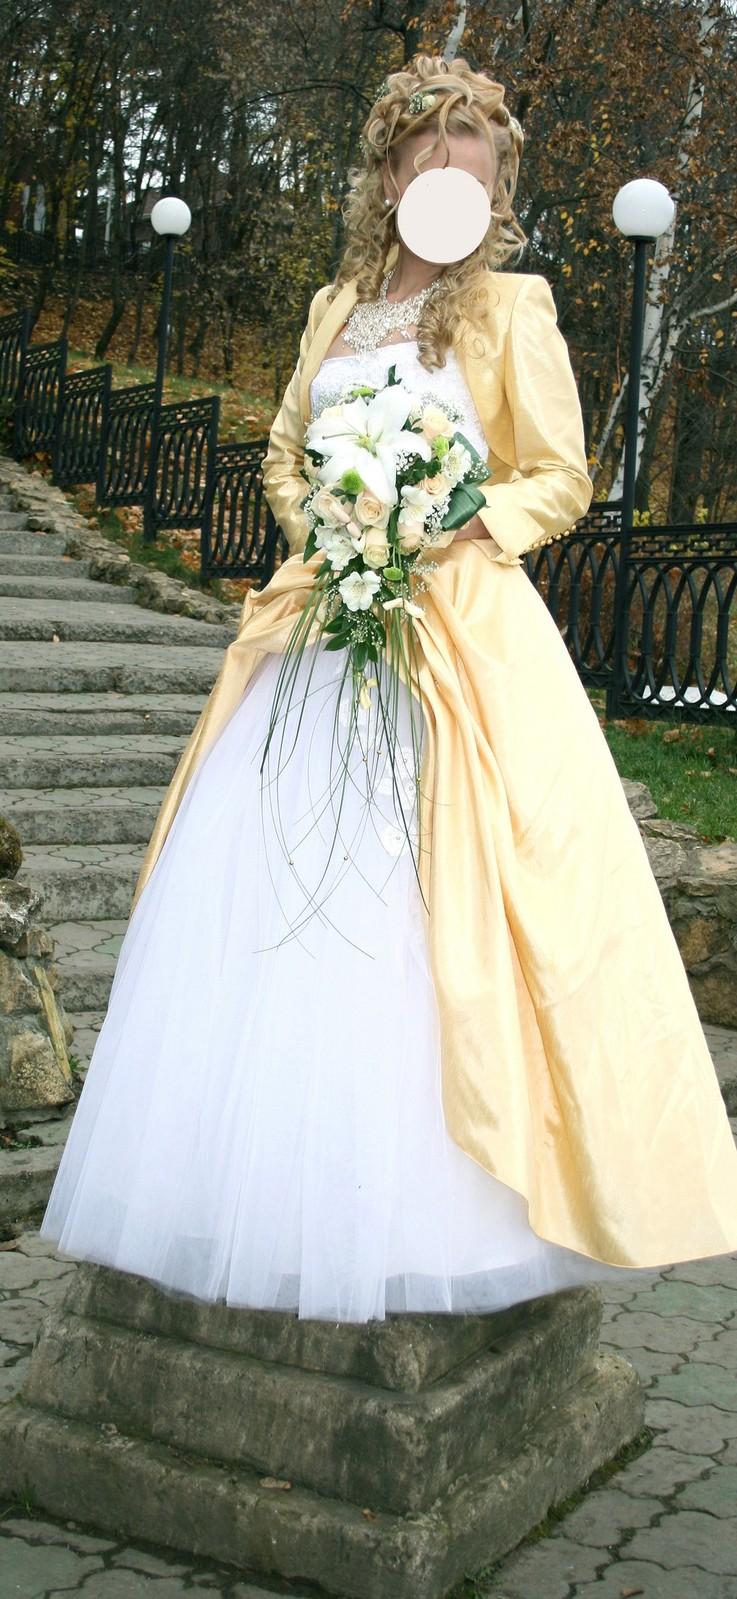 Частное свадебное фото 2 фотография